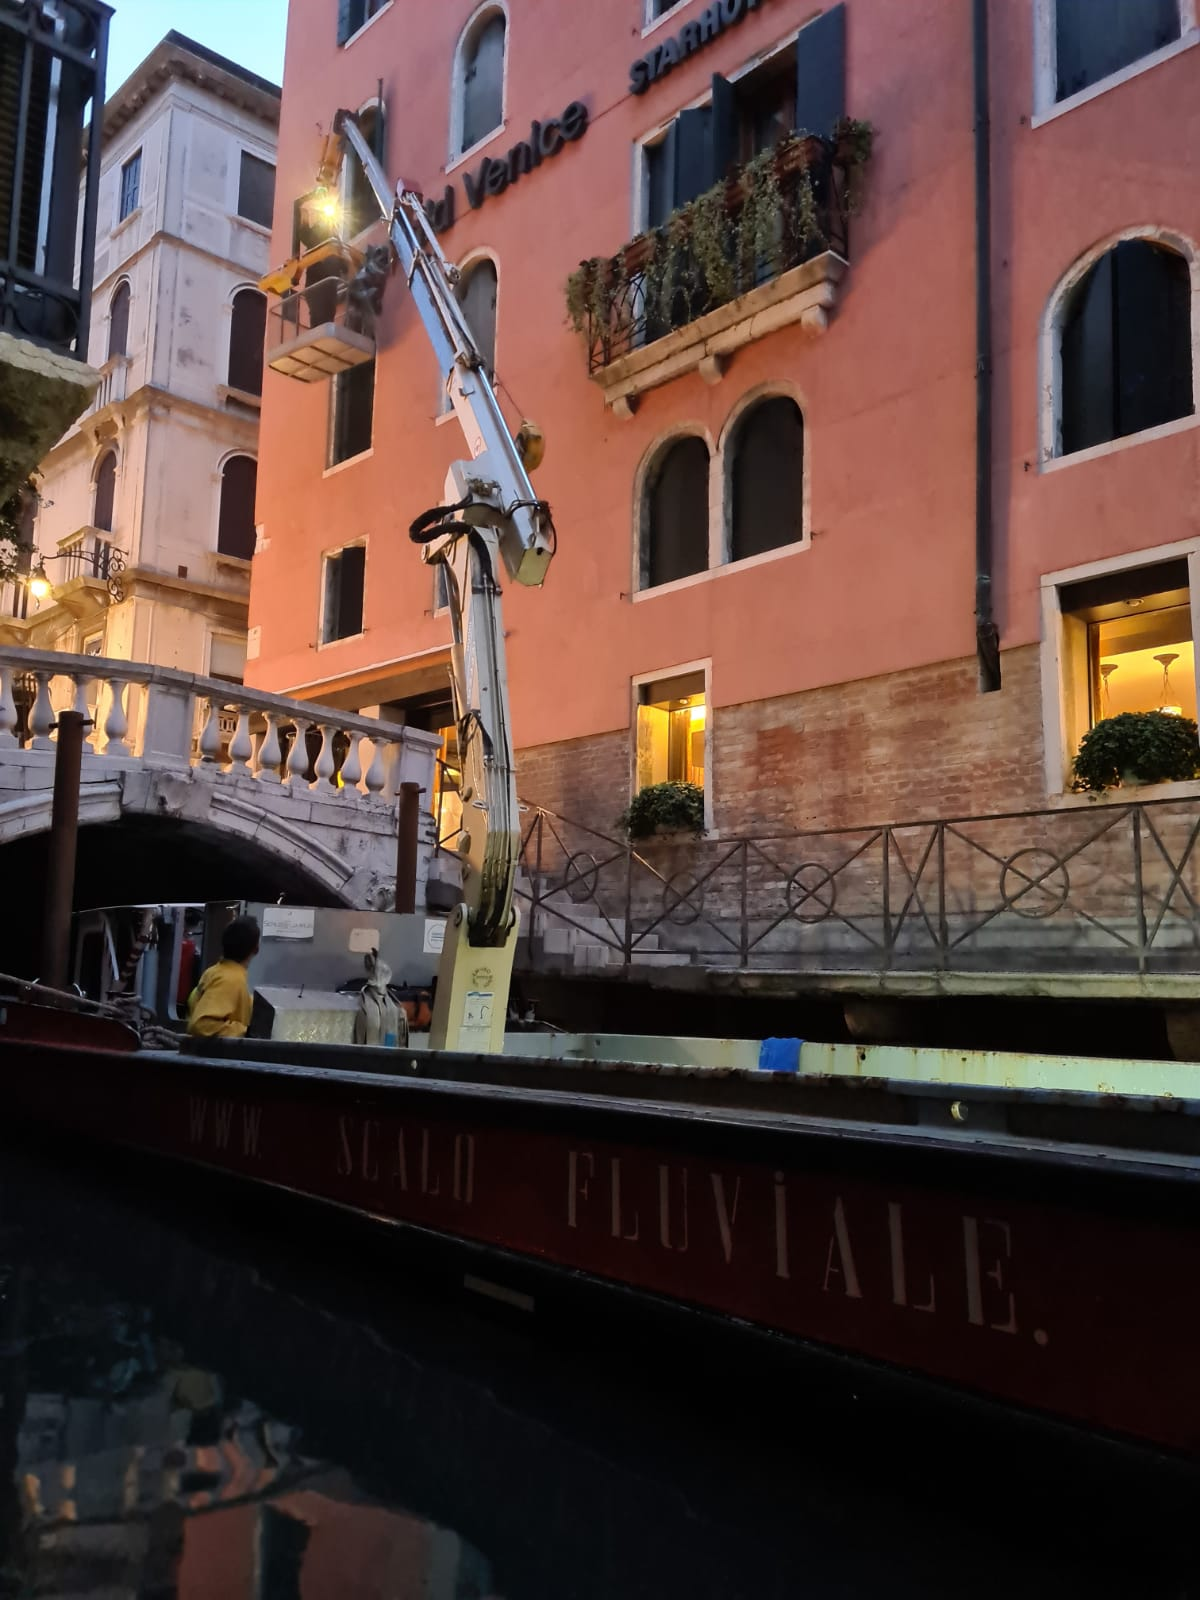 Installazione insegna luminosa Starhotels Venezia Scalo Fluviale